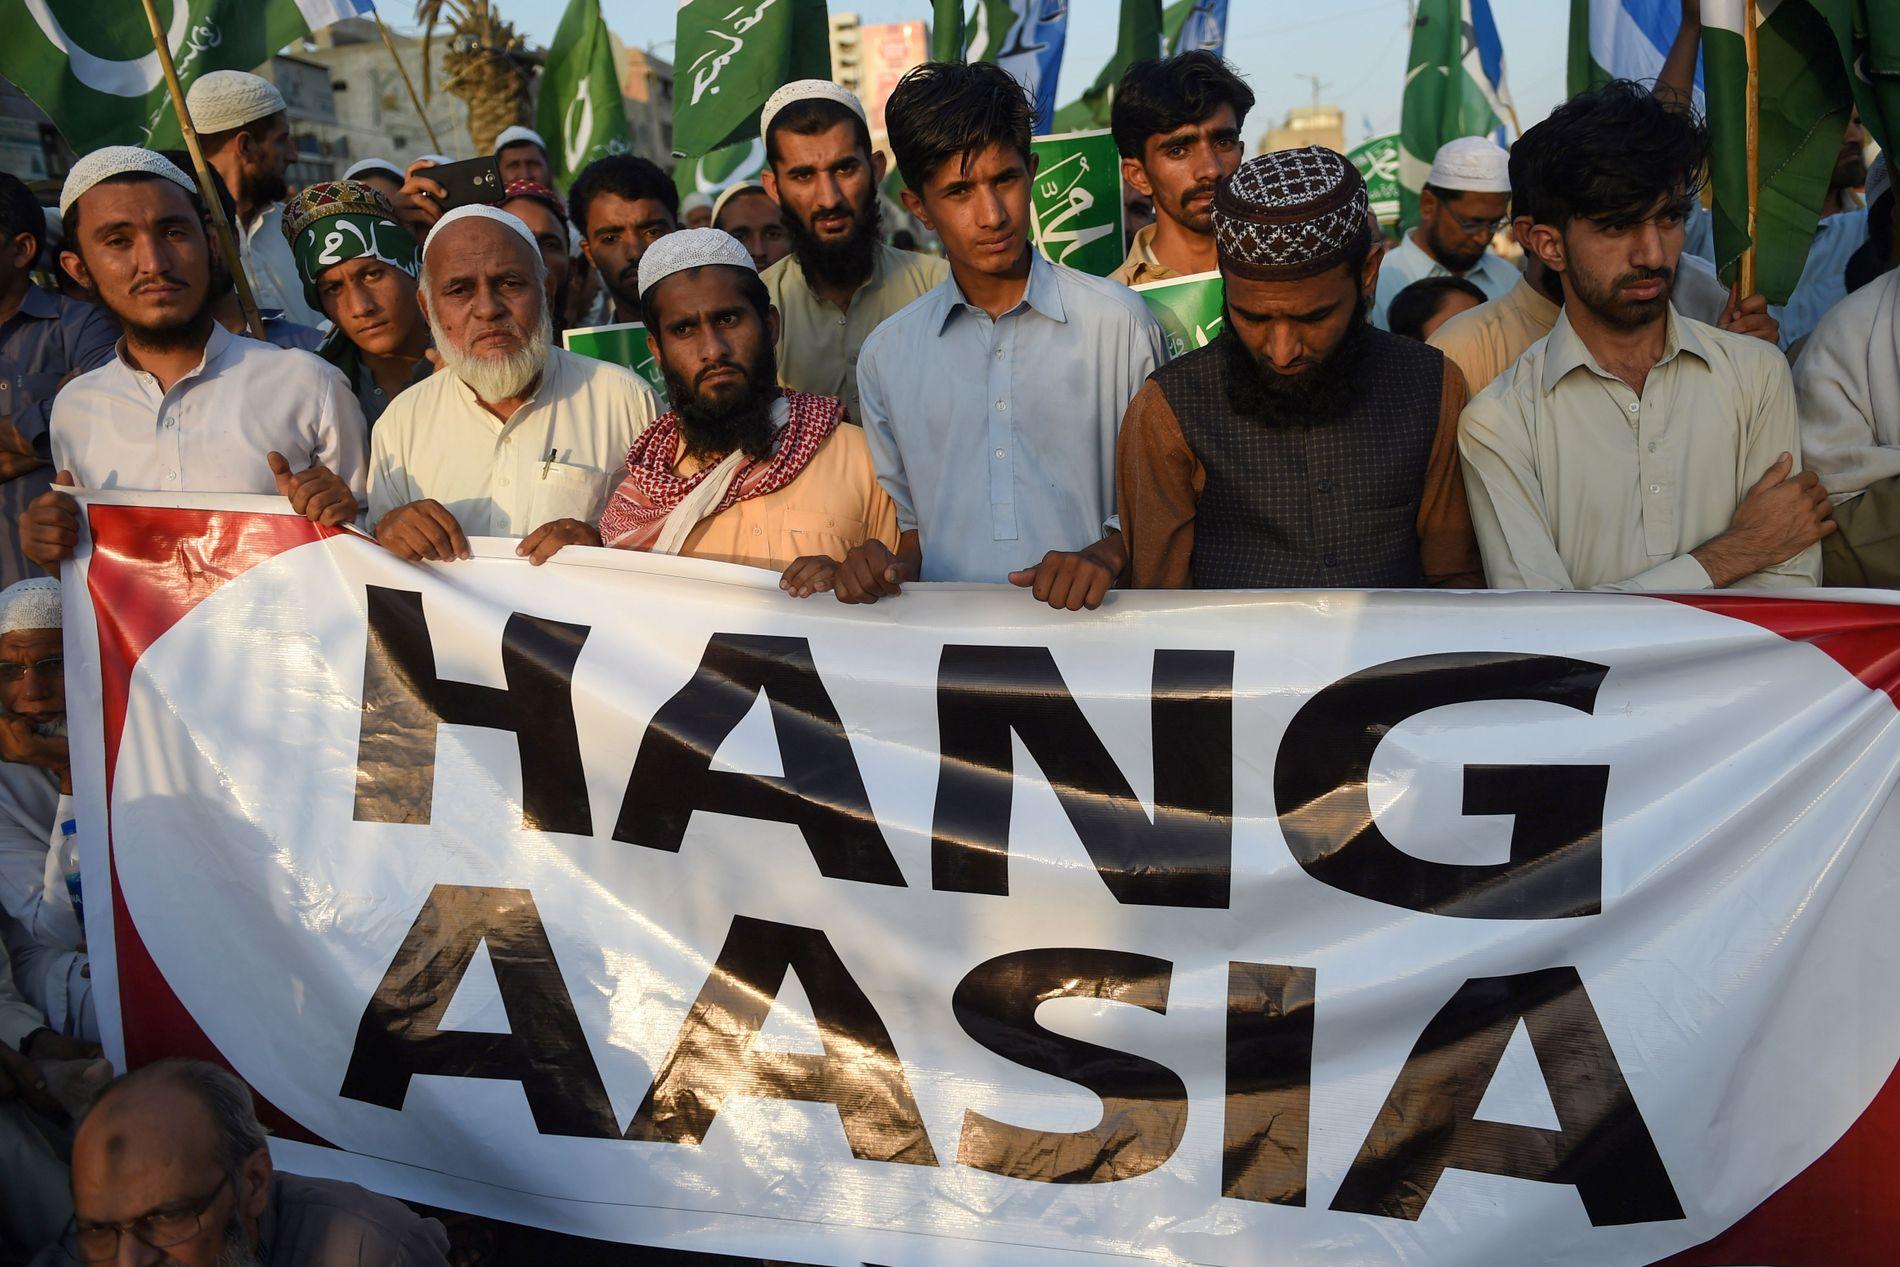 SINNE: Da det ble kjent av landets høyeste domstol opphevet dødsdommen mot Bibi, brøt det ut protester. Her fra Karachi 4. november.